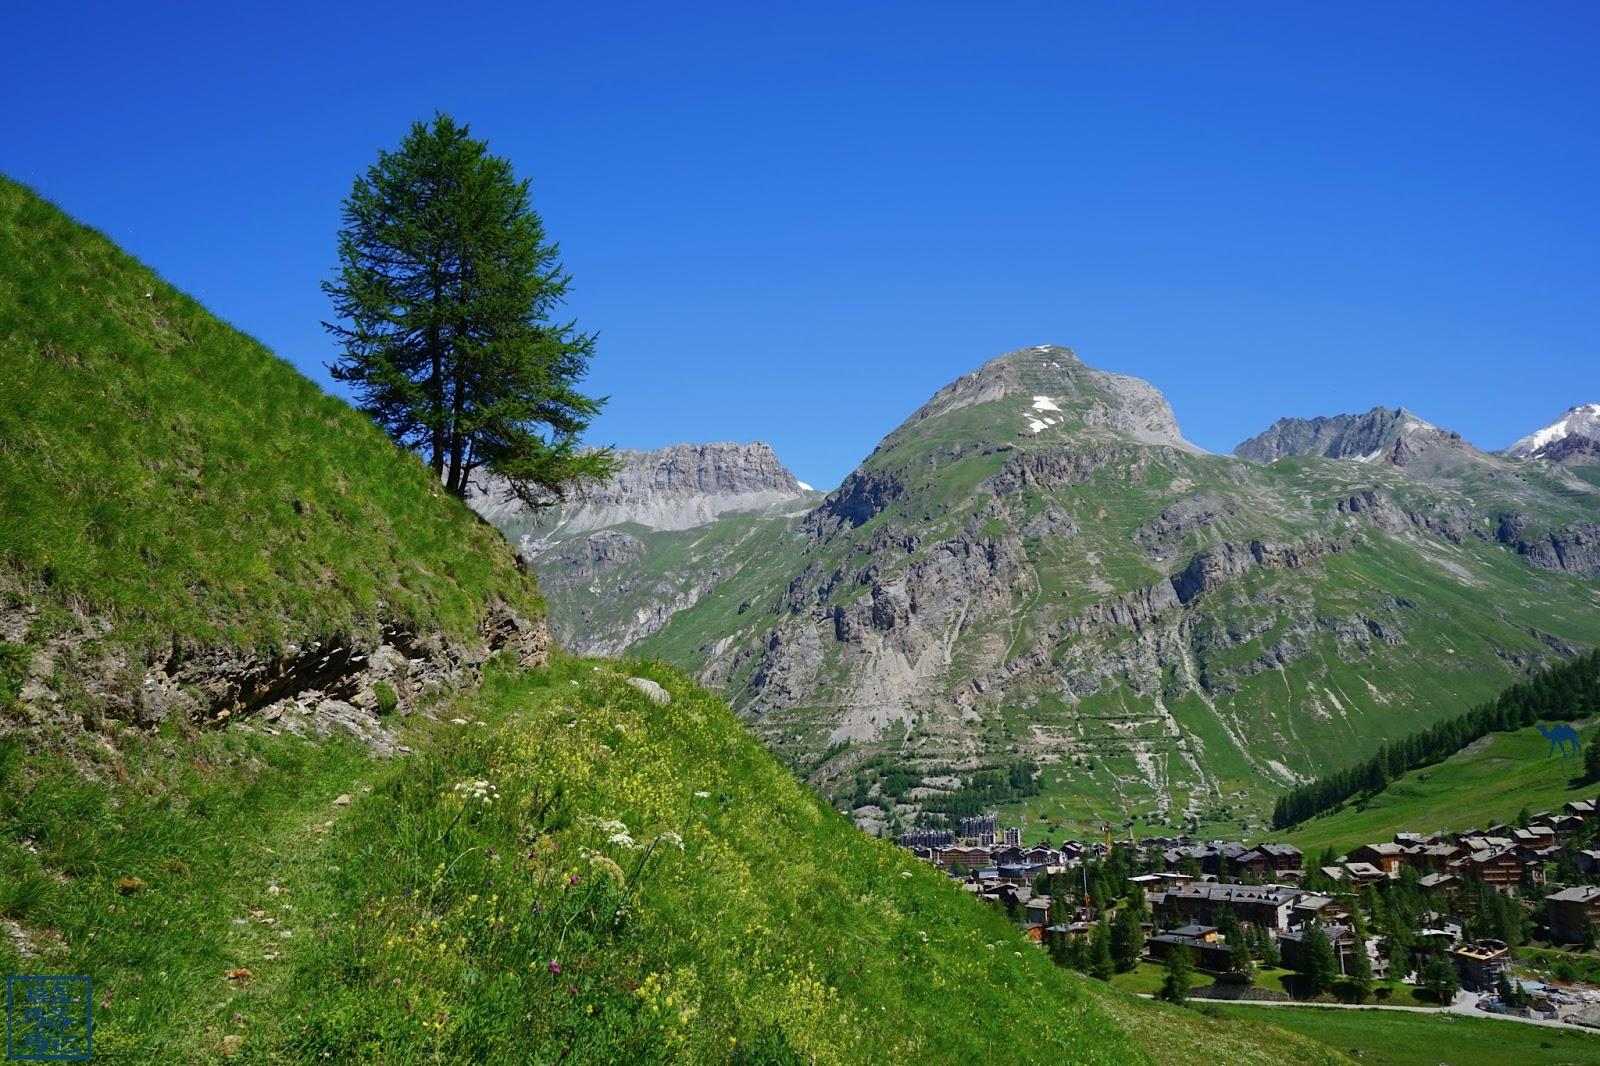 Le Chameau Bleu - Blog Voyage Val d'Isère - Val d'Isère en été - Randonnée Trail en Savoie